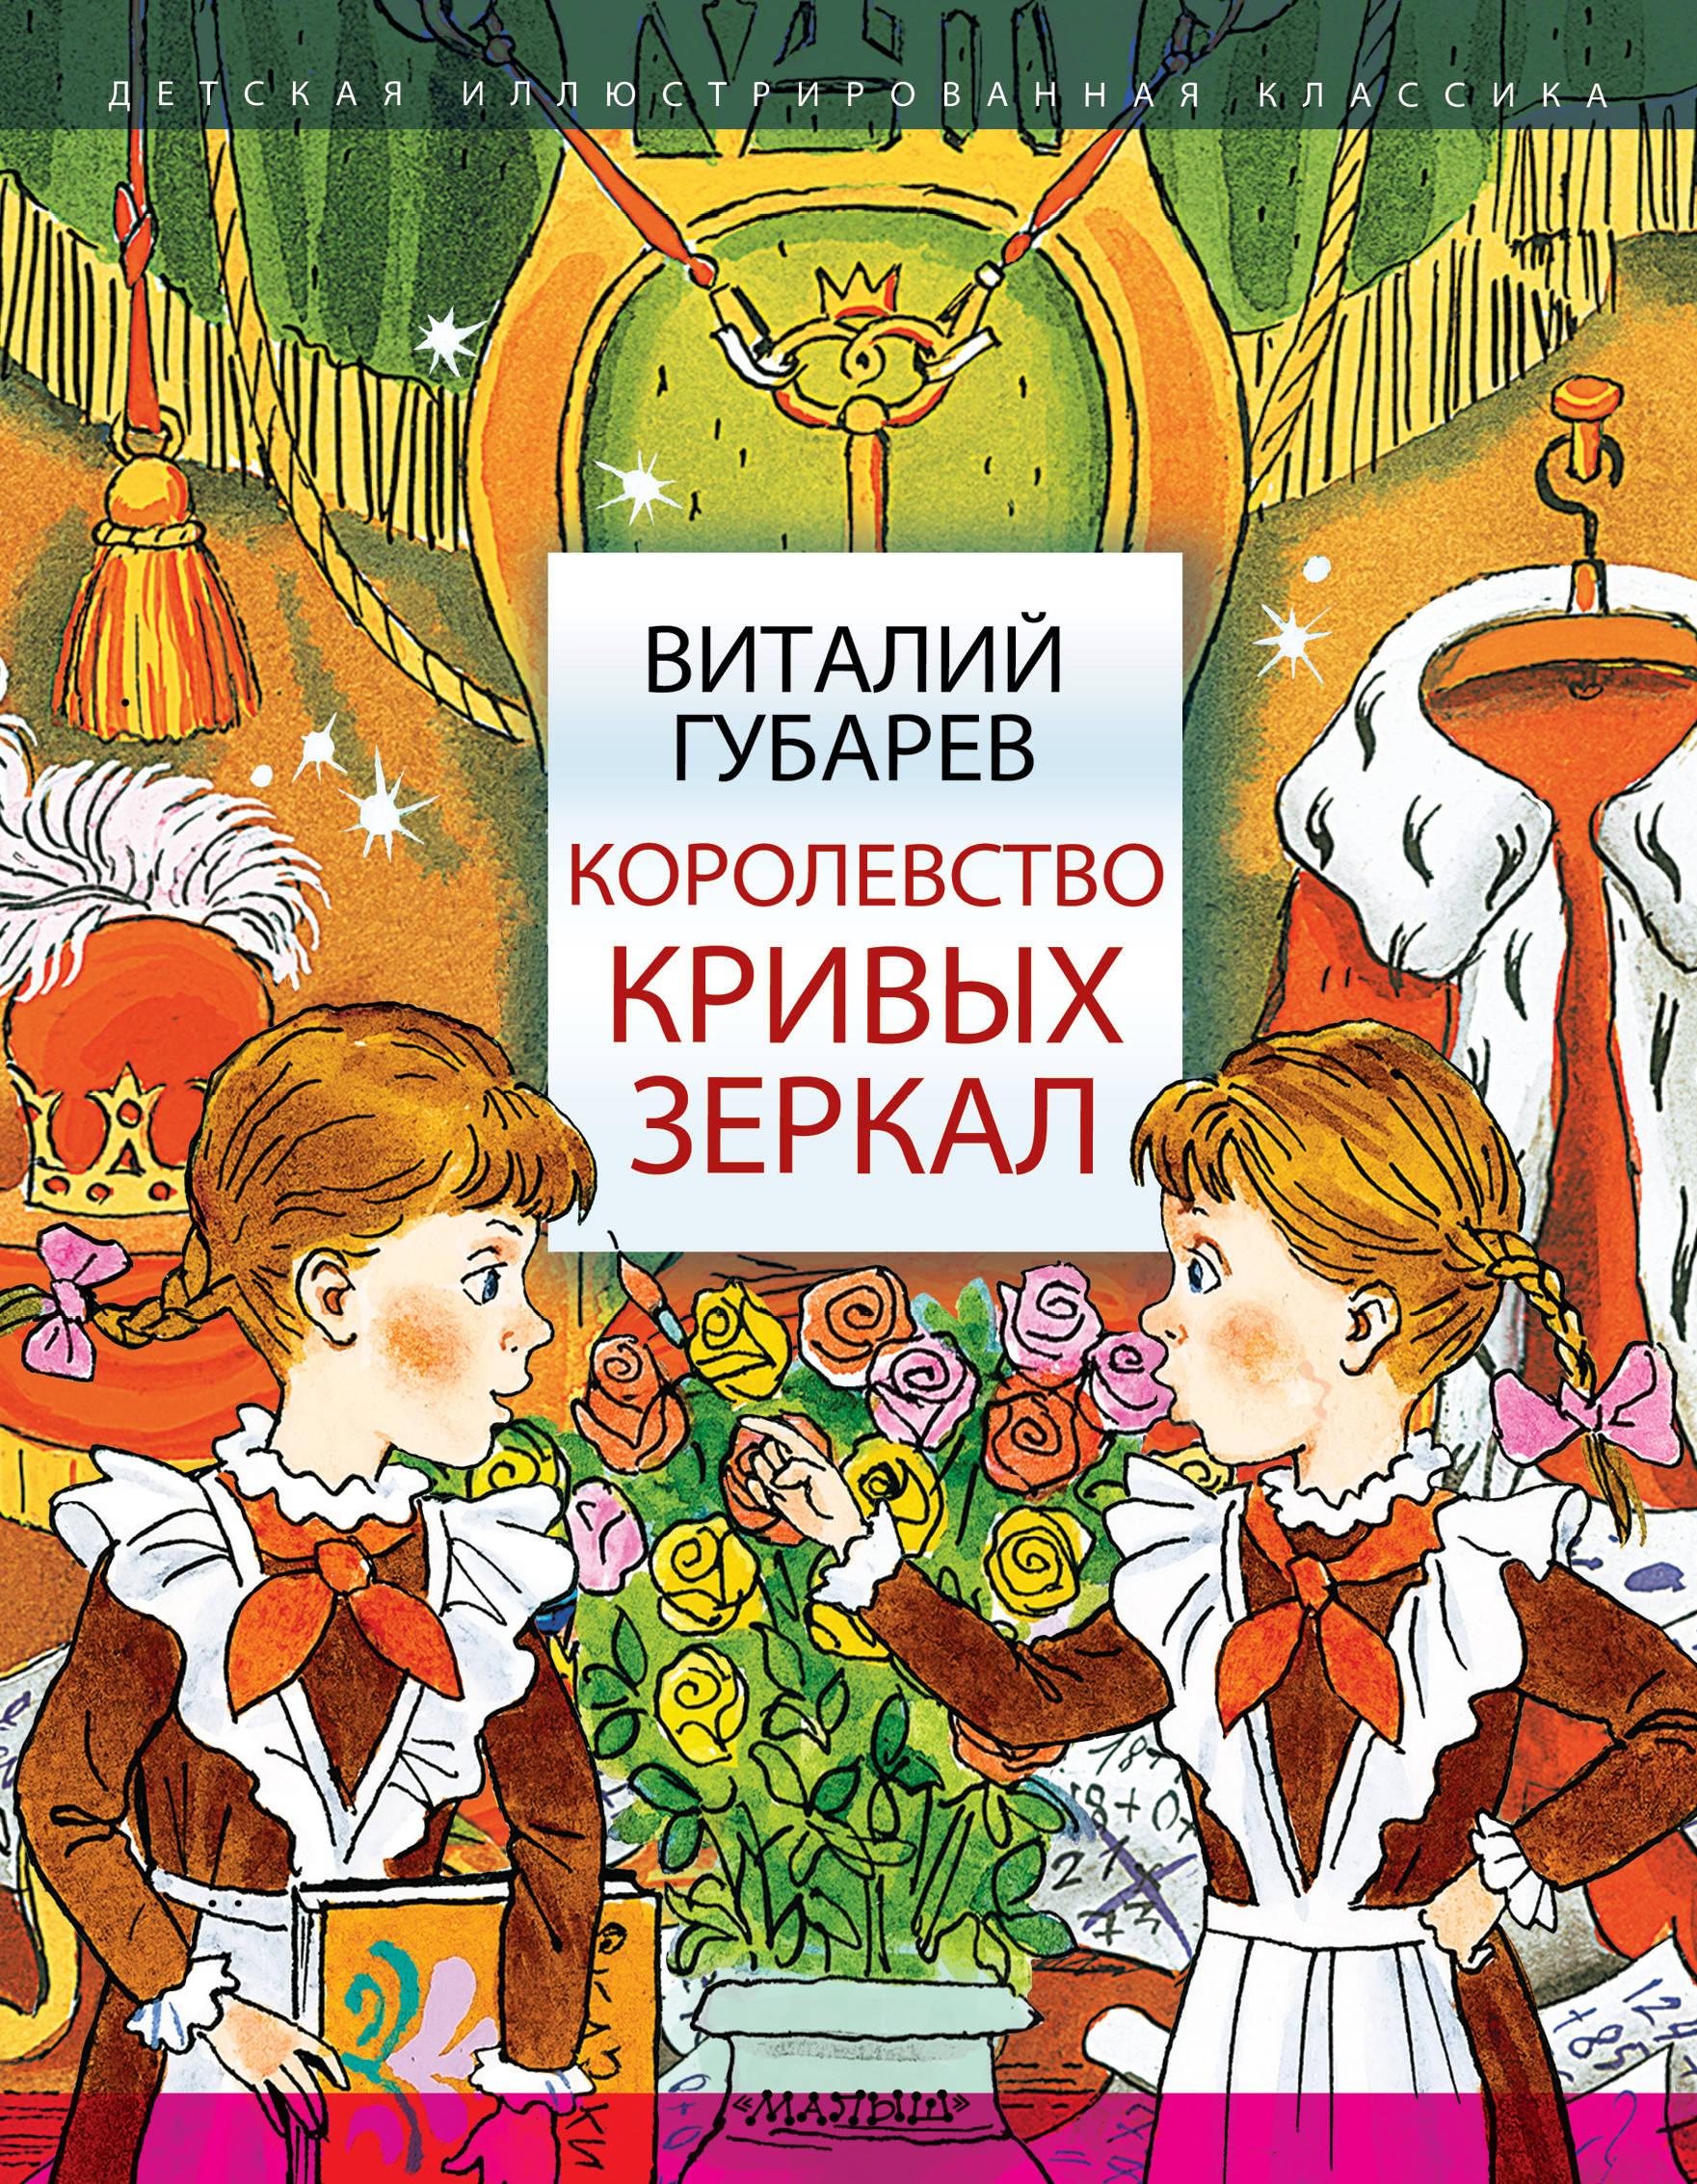 Картинки на книгу королевство кривых зеркал